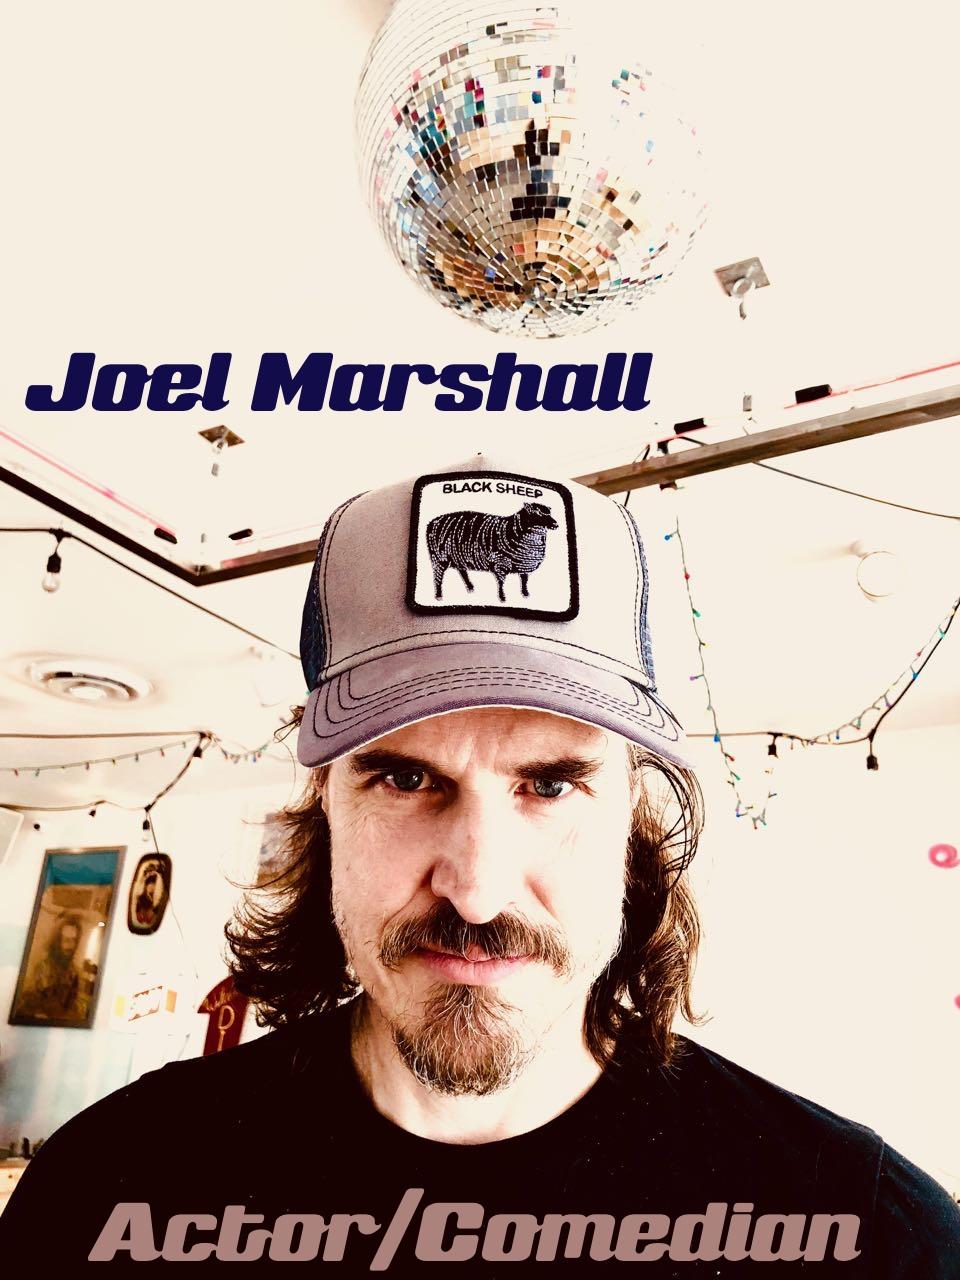 JoelMarshall.jpg